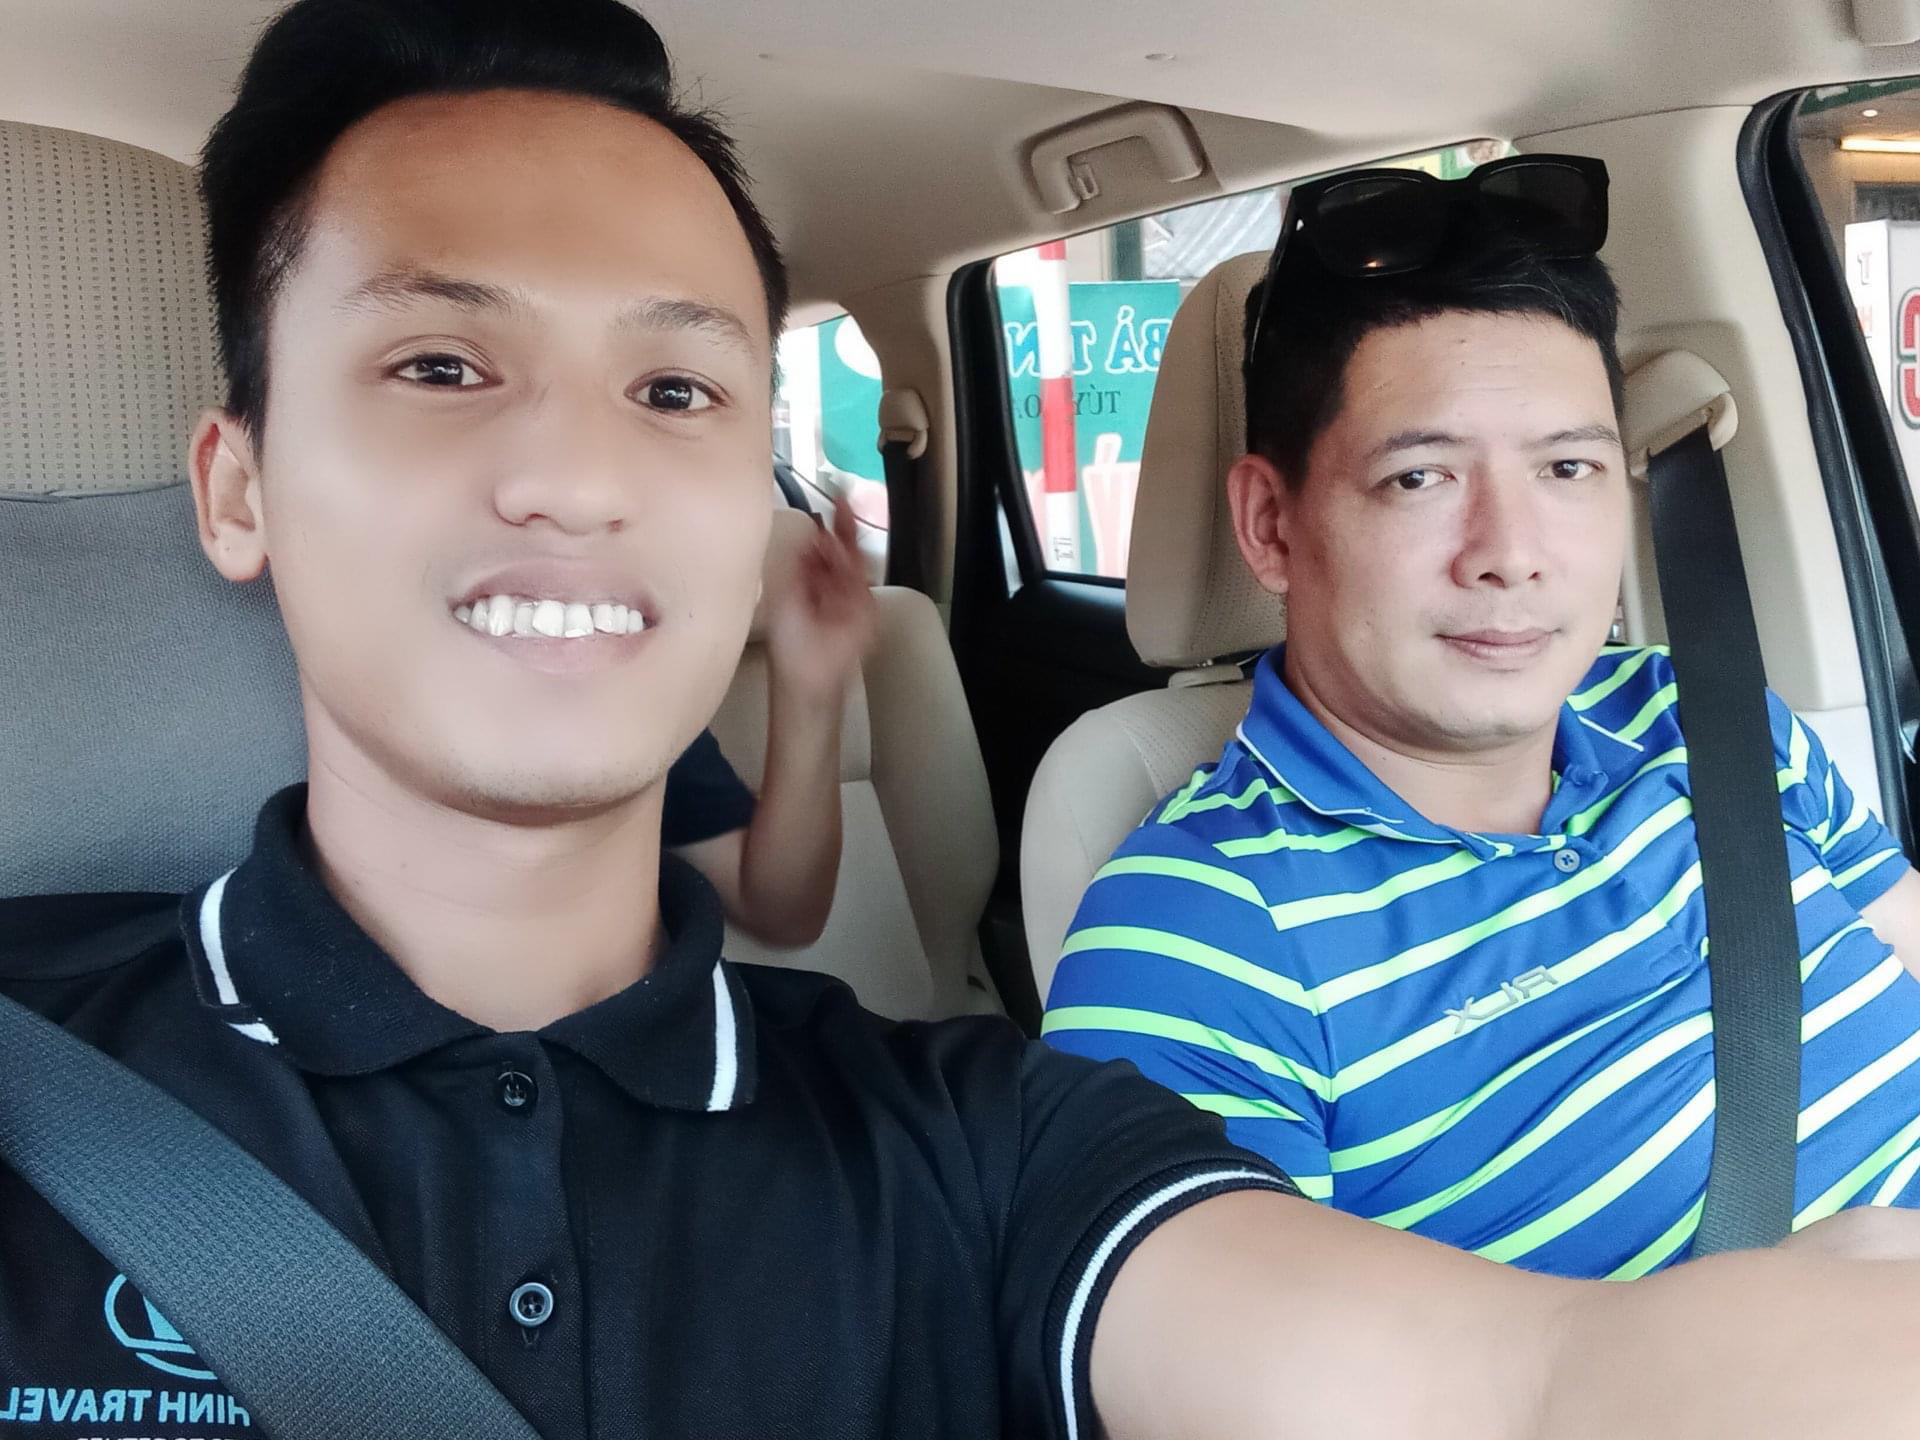 Kính gửi lời cảm ơn đến với khách hàng của công ty Da Nang Travel Car cũng như diễn viên người mẫu Bình Minh